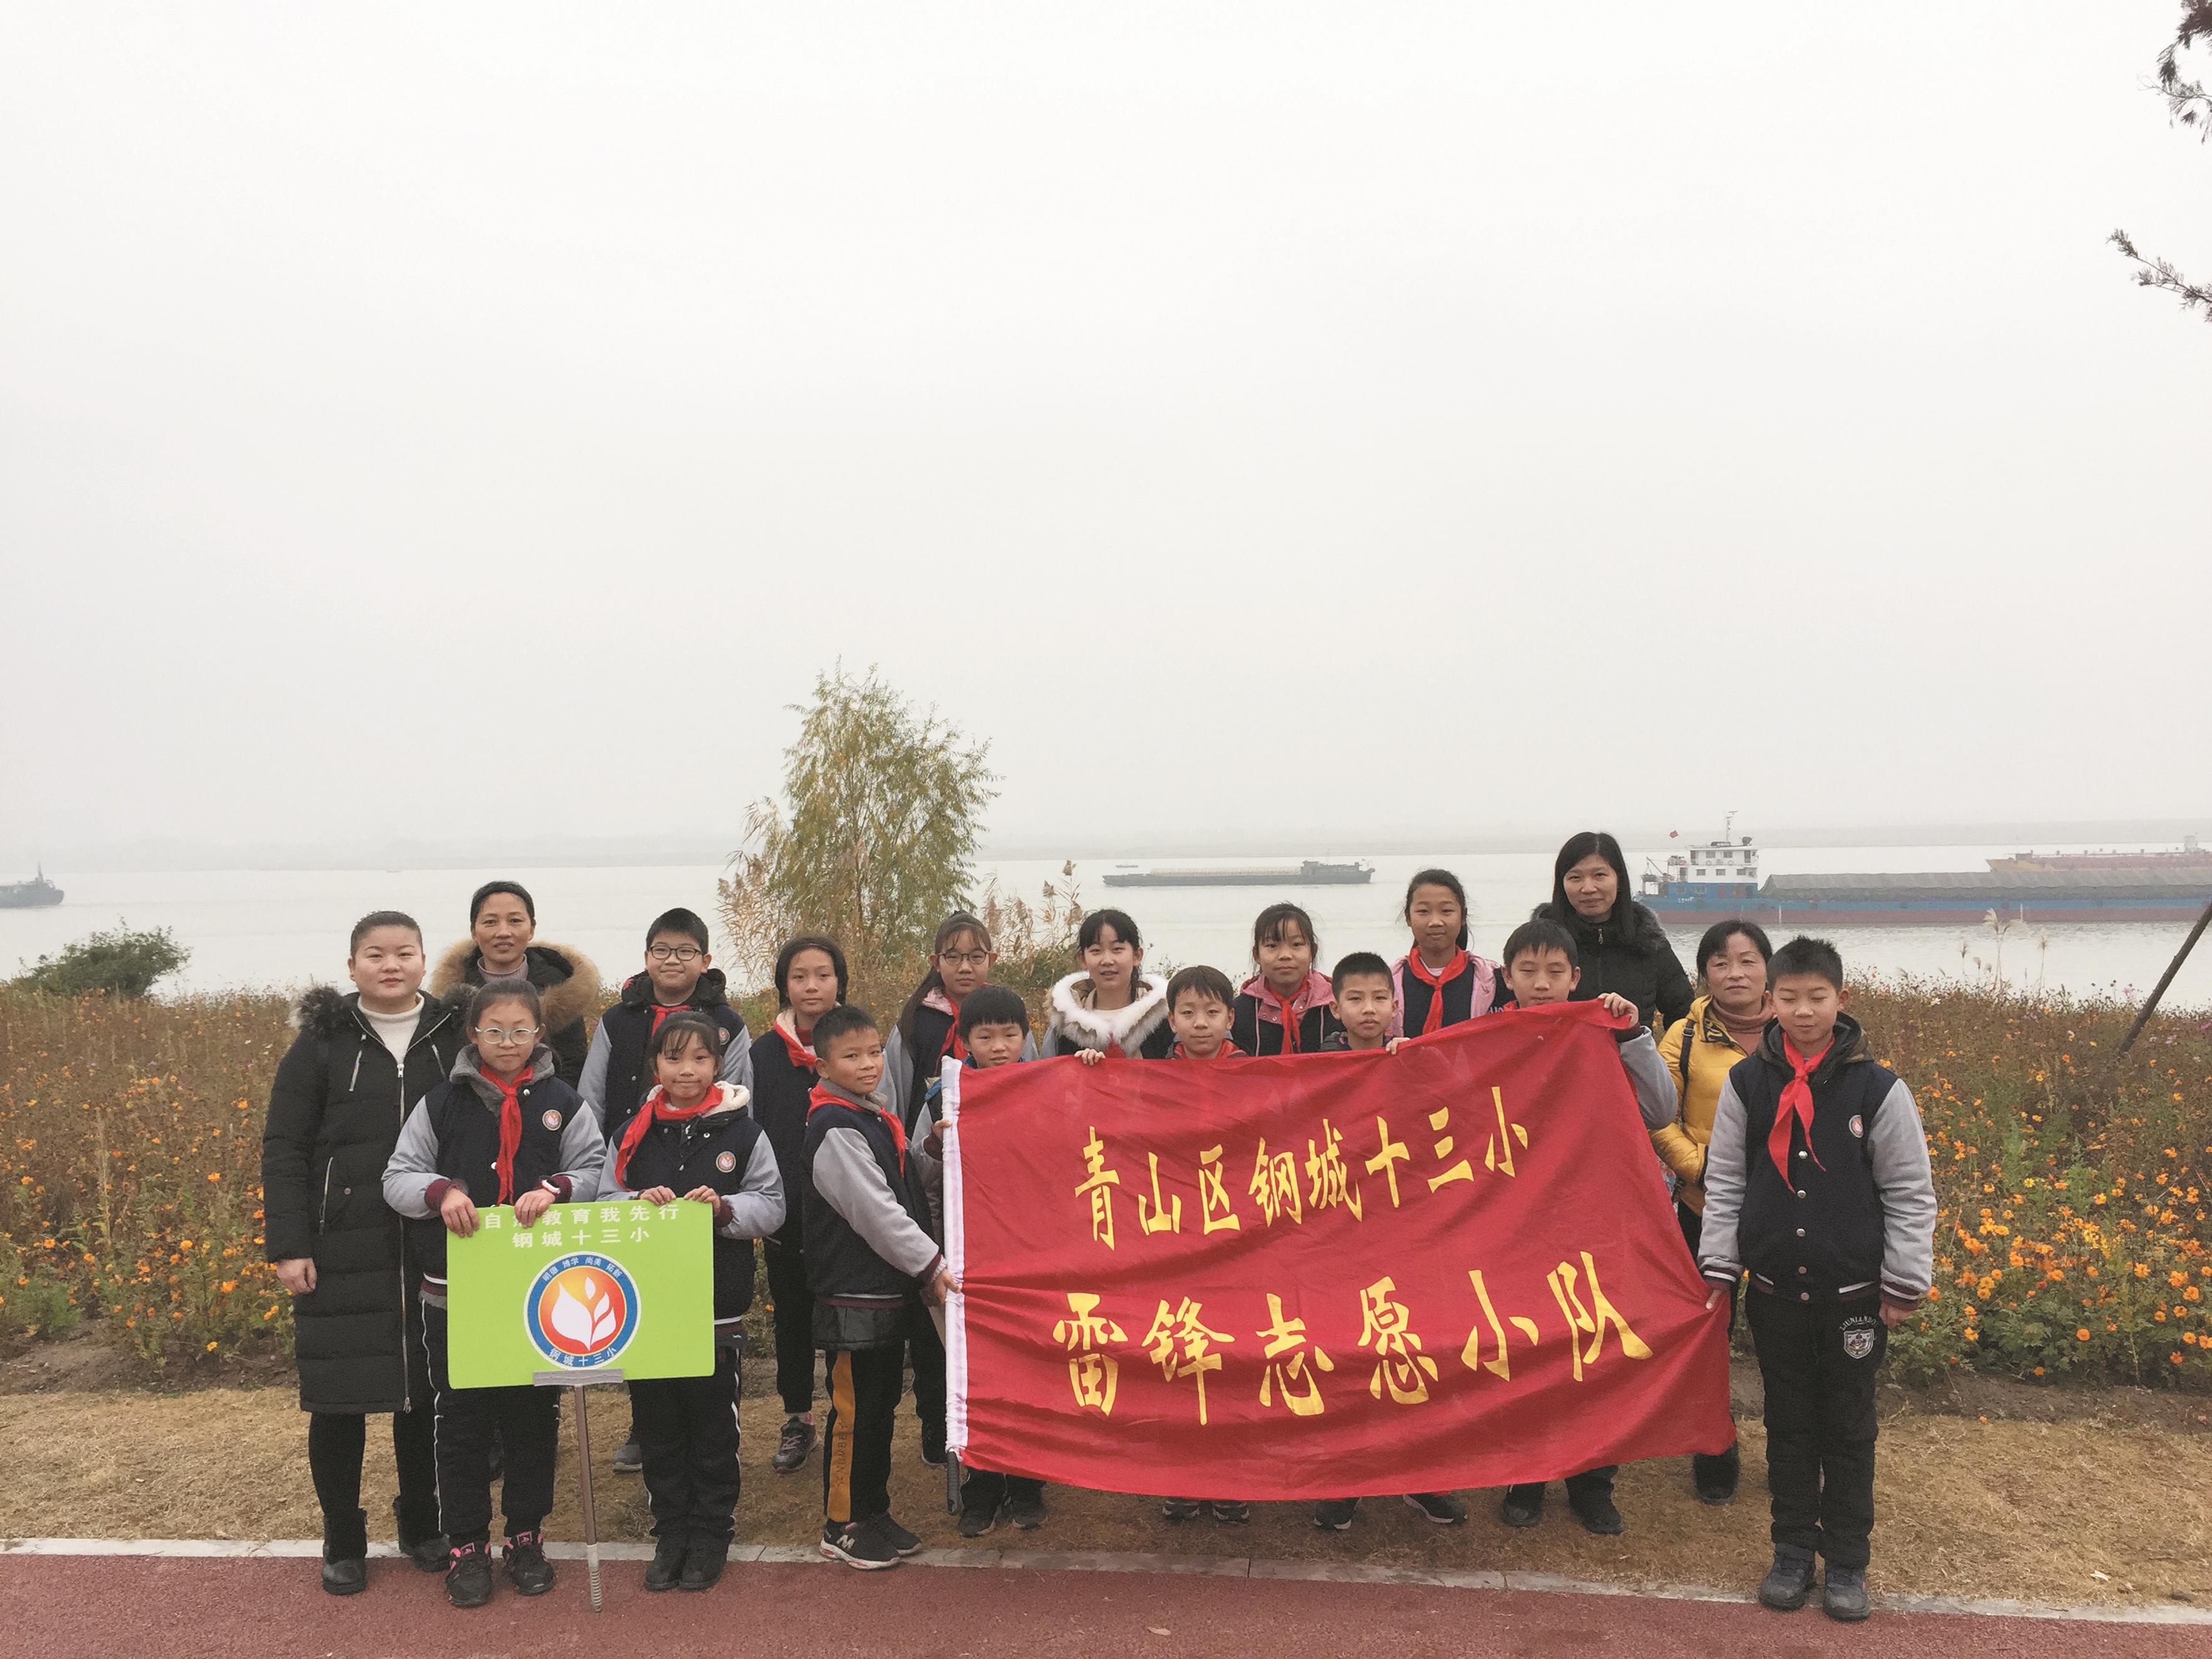 武汉民间河湖长守护江城碧水